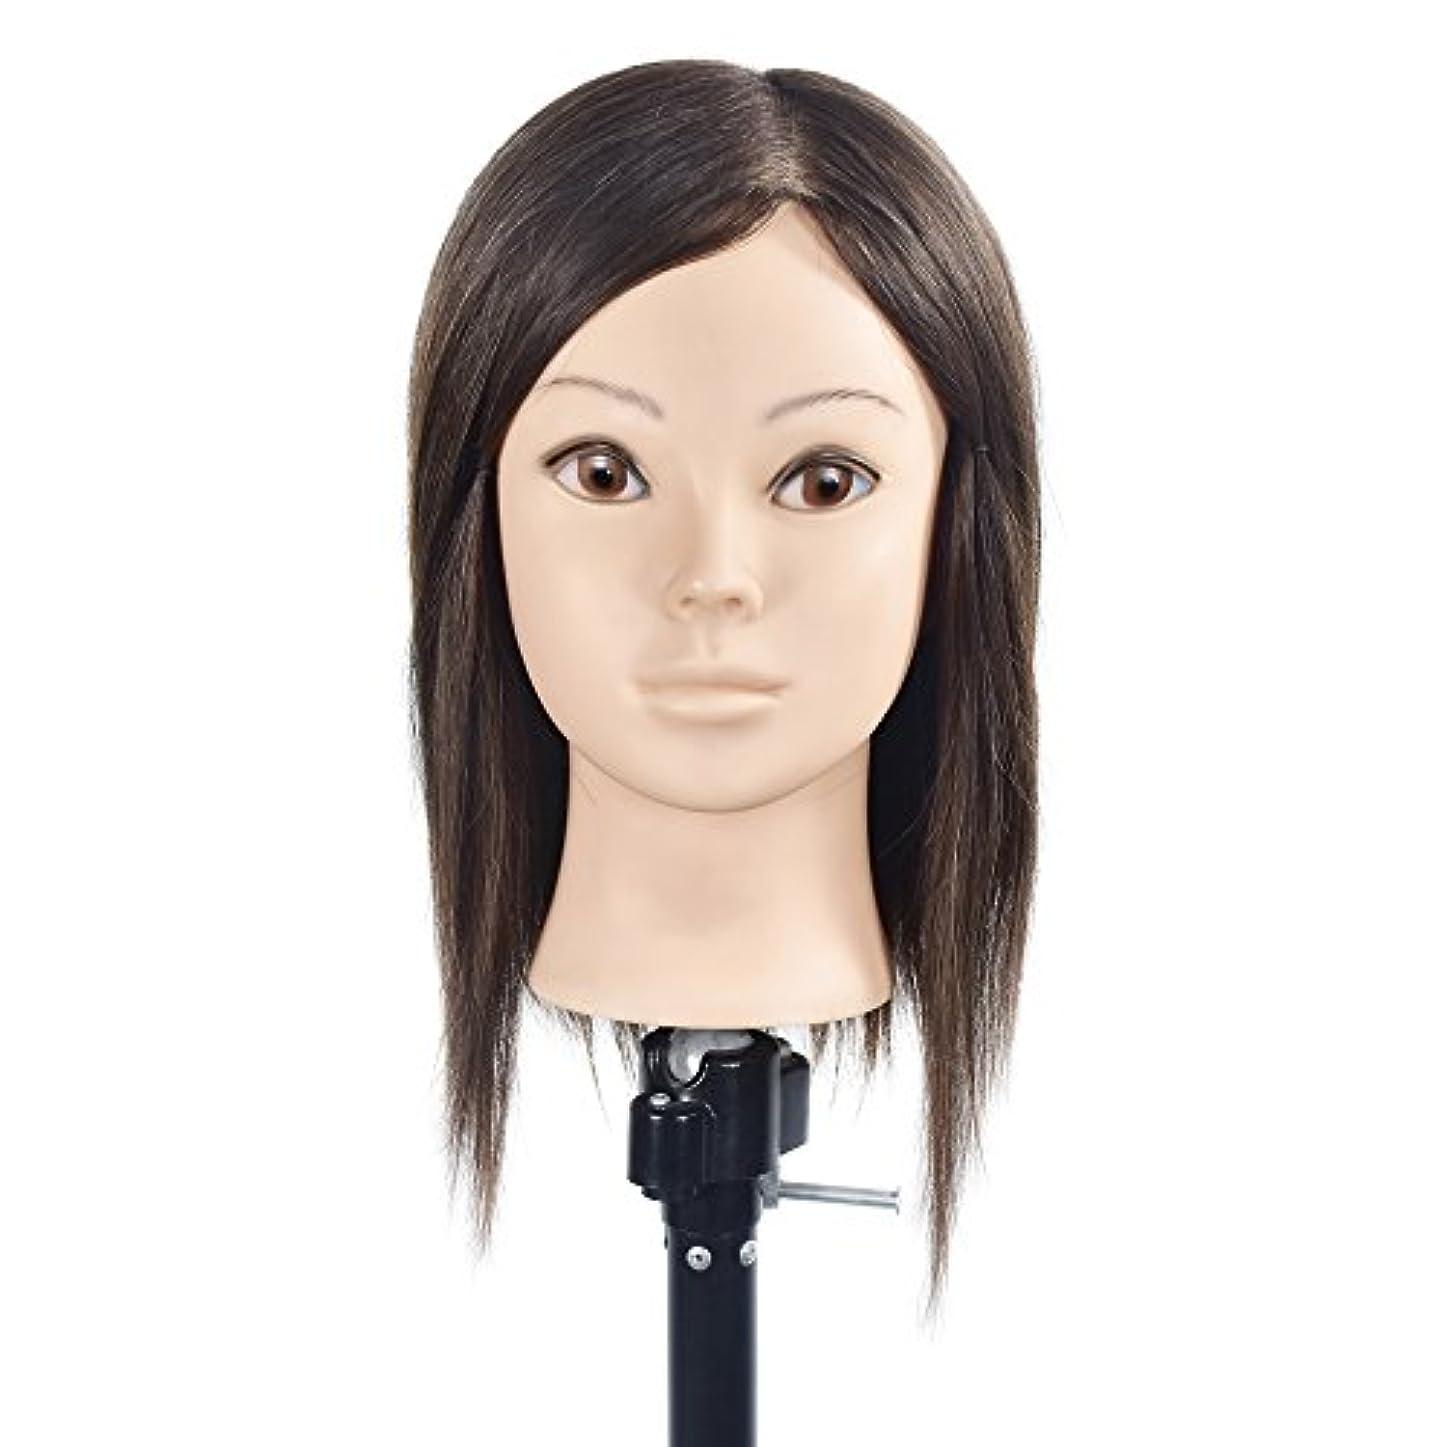 本土侵略大宇宙トレーニングヘッド美容師100%リアルヒューマンヘアスタイリングマニアックマネキン人形(フリーテーブルクランプ付)